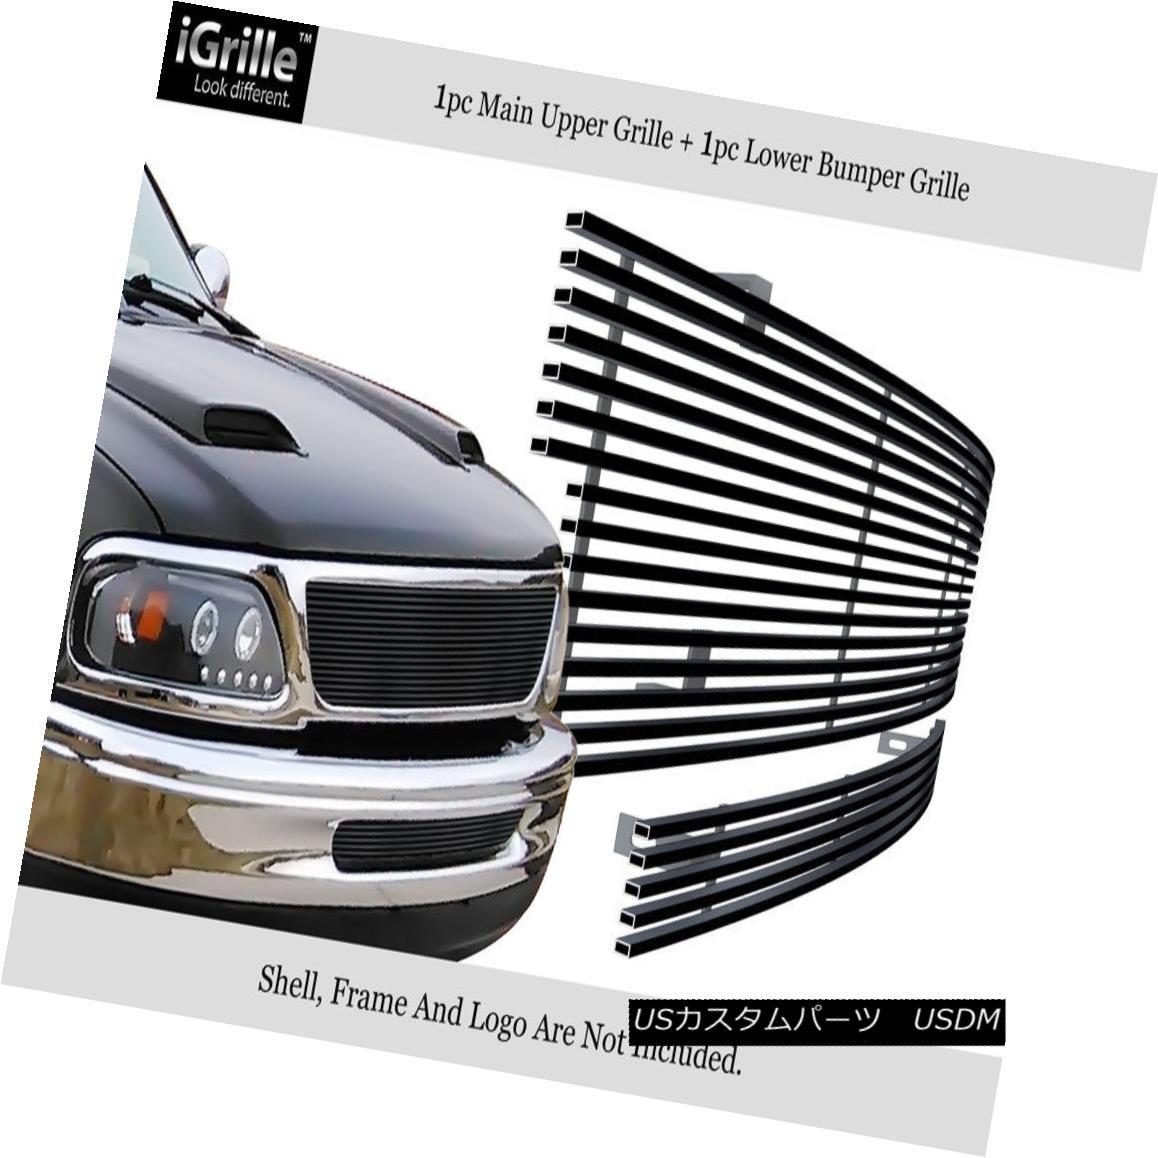 グリル Fits 1997-1998 Ford F-150 2WD Stainless Steel Black Billet Grille Combo フィット1997-1998フォードF-150 2WDステンレススチールブラックビレットグリルコンボ